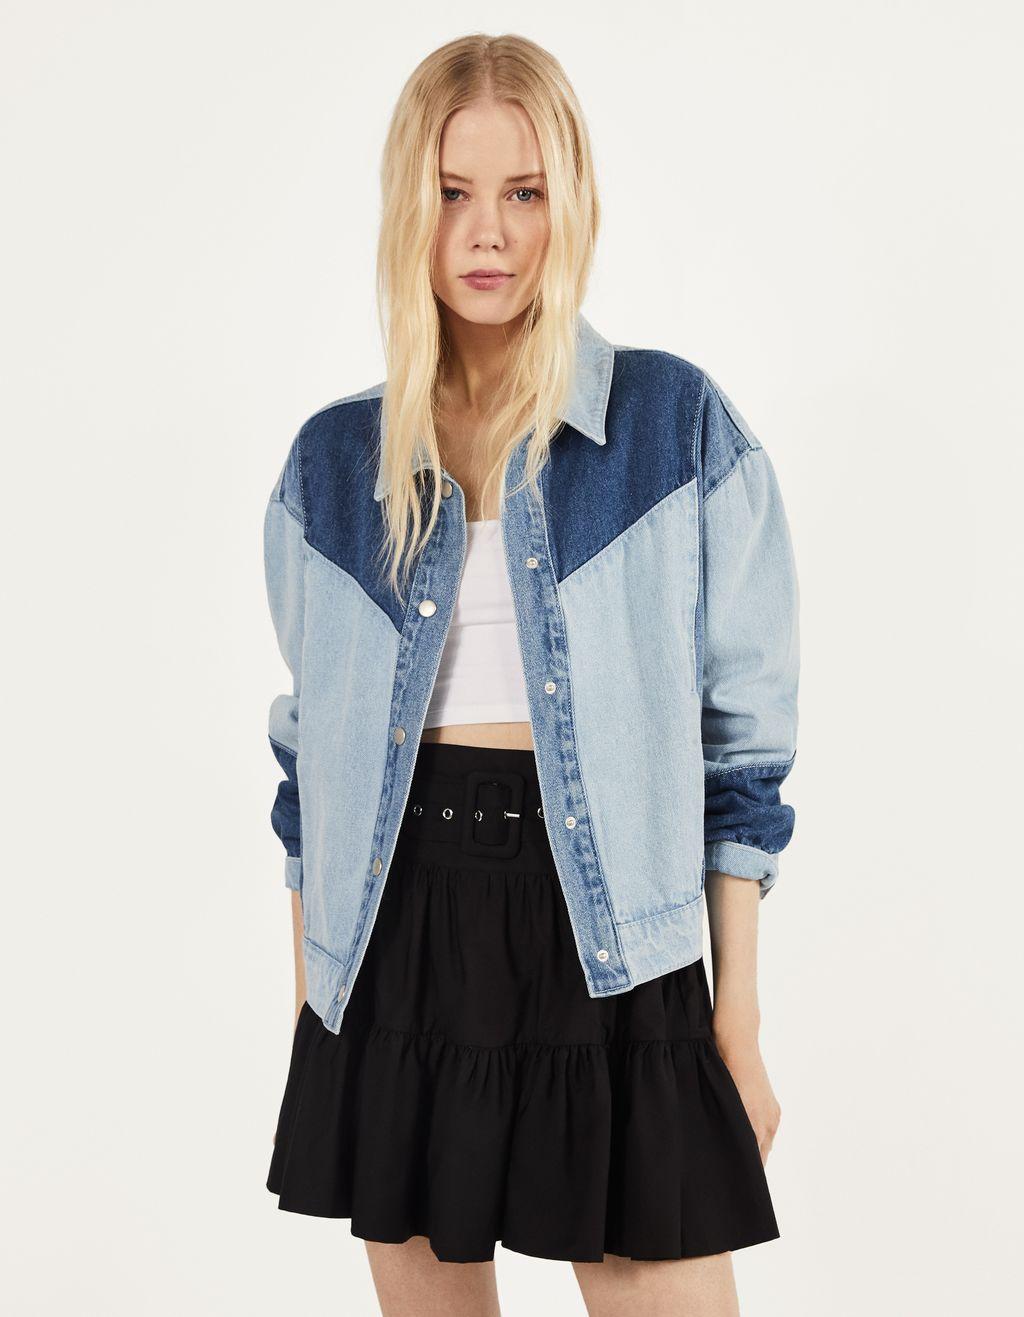 Kurtka jeansowa z kontrastowymi elementami